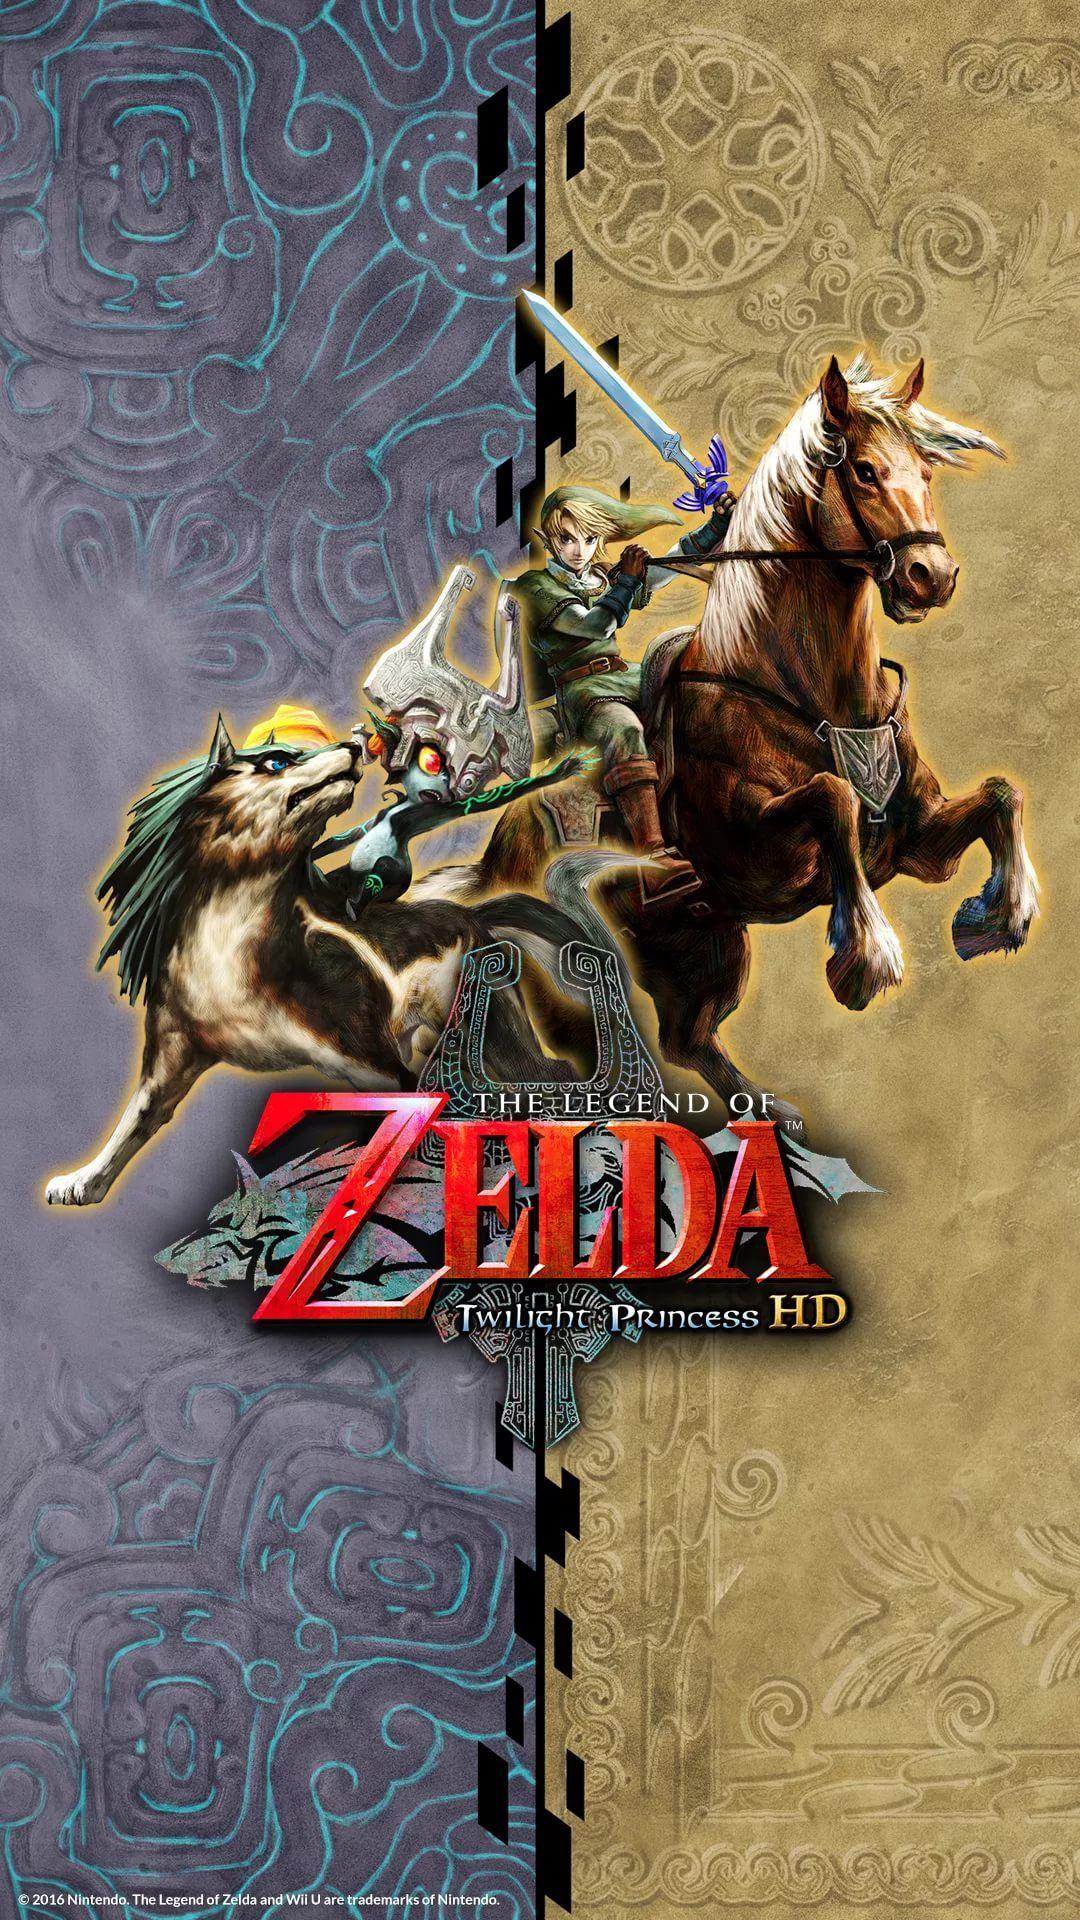 Zelda Live Iphone Hd Wallpaper 3134043 Hd Wallpaper Backgrounds Download